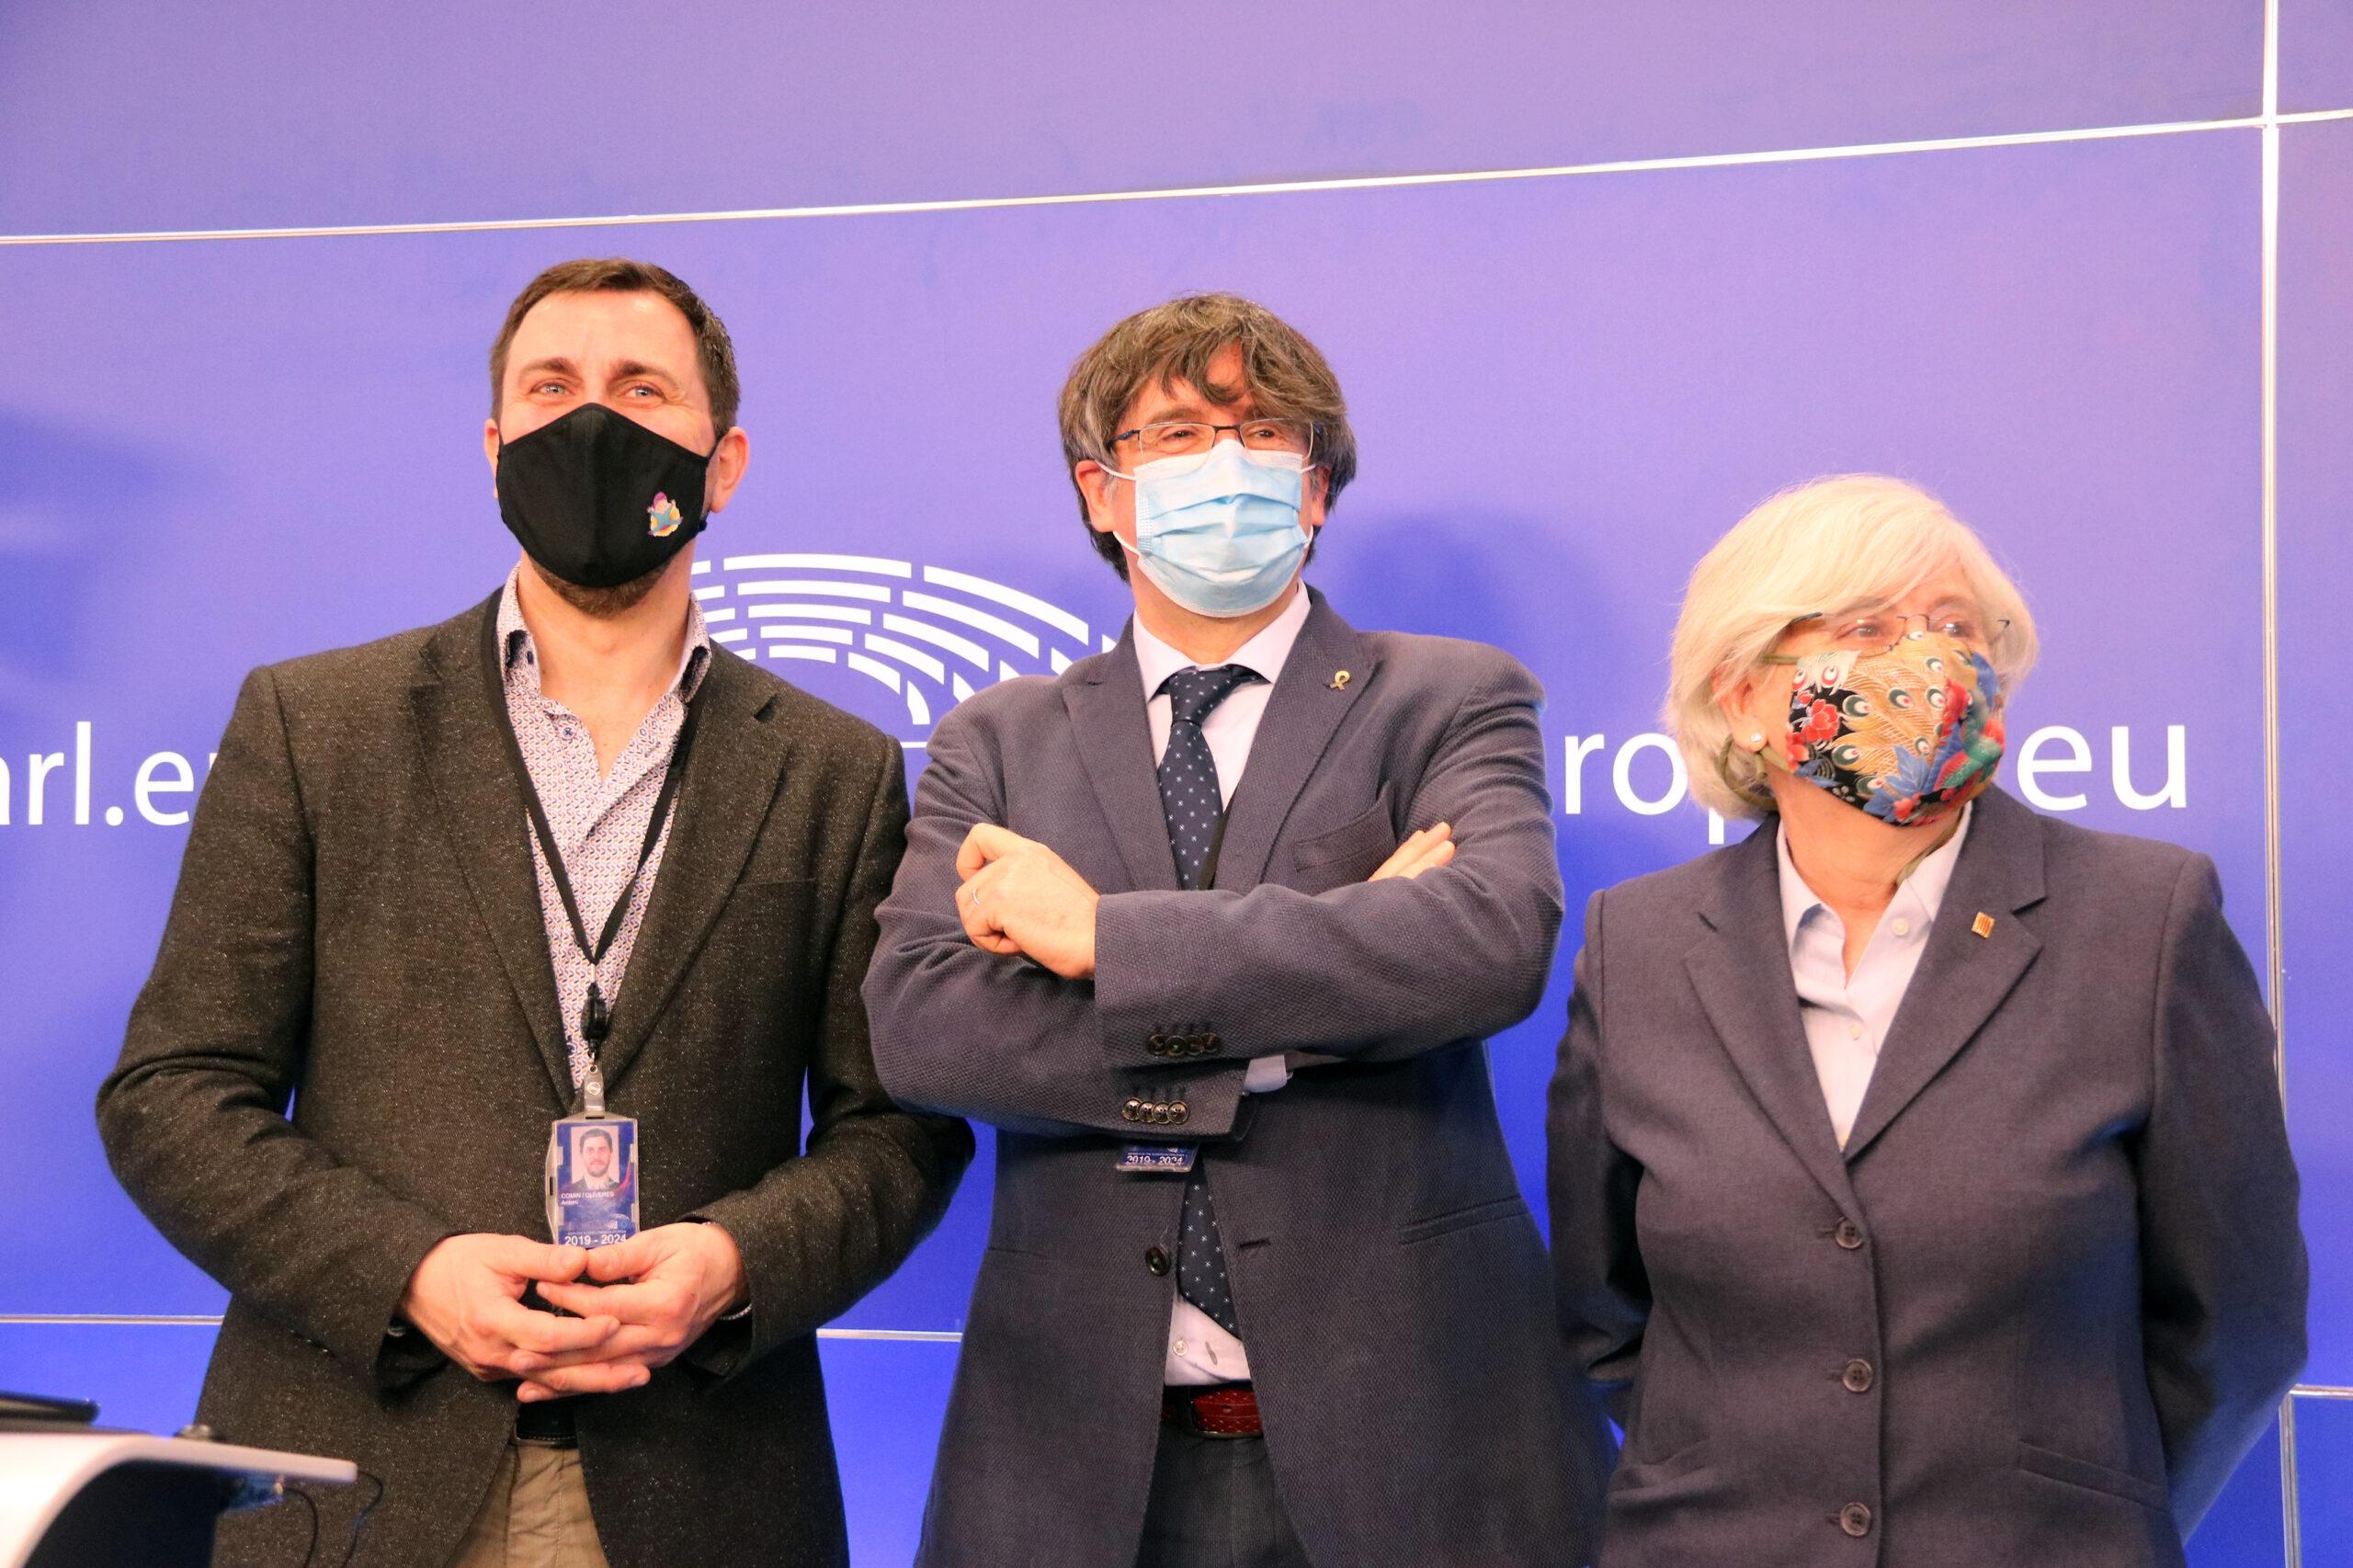 Els eurodiputats de JxCat Carles Puigdemont, Toni Comín i Clara Ponsatí després de la roda de premsa a l'Eurocambra   ACN